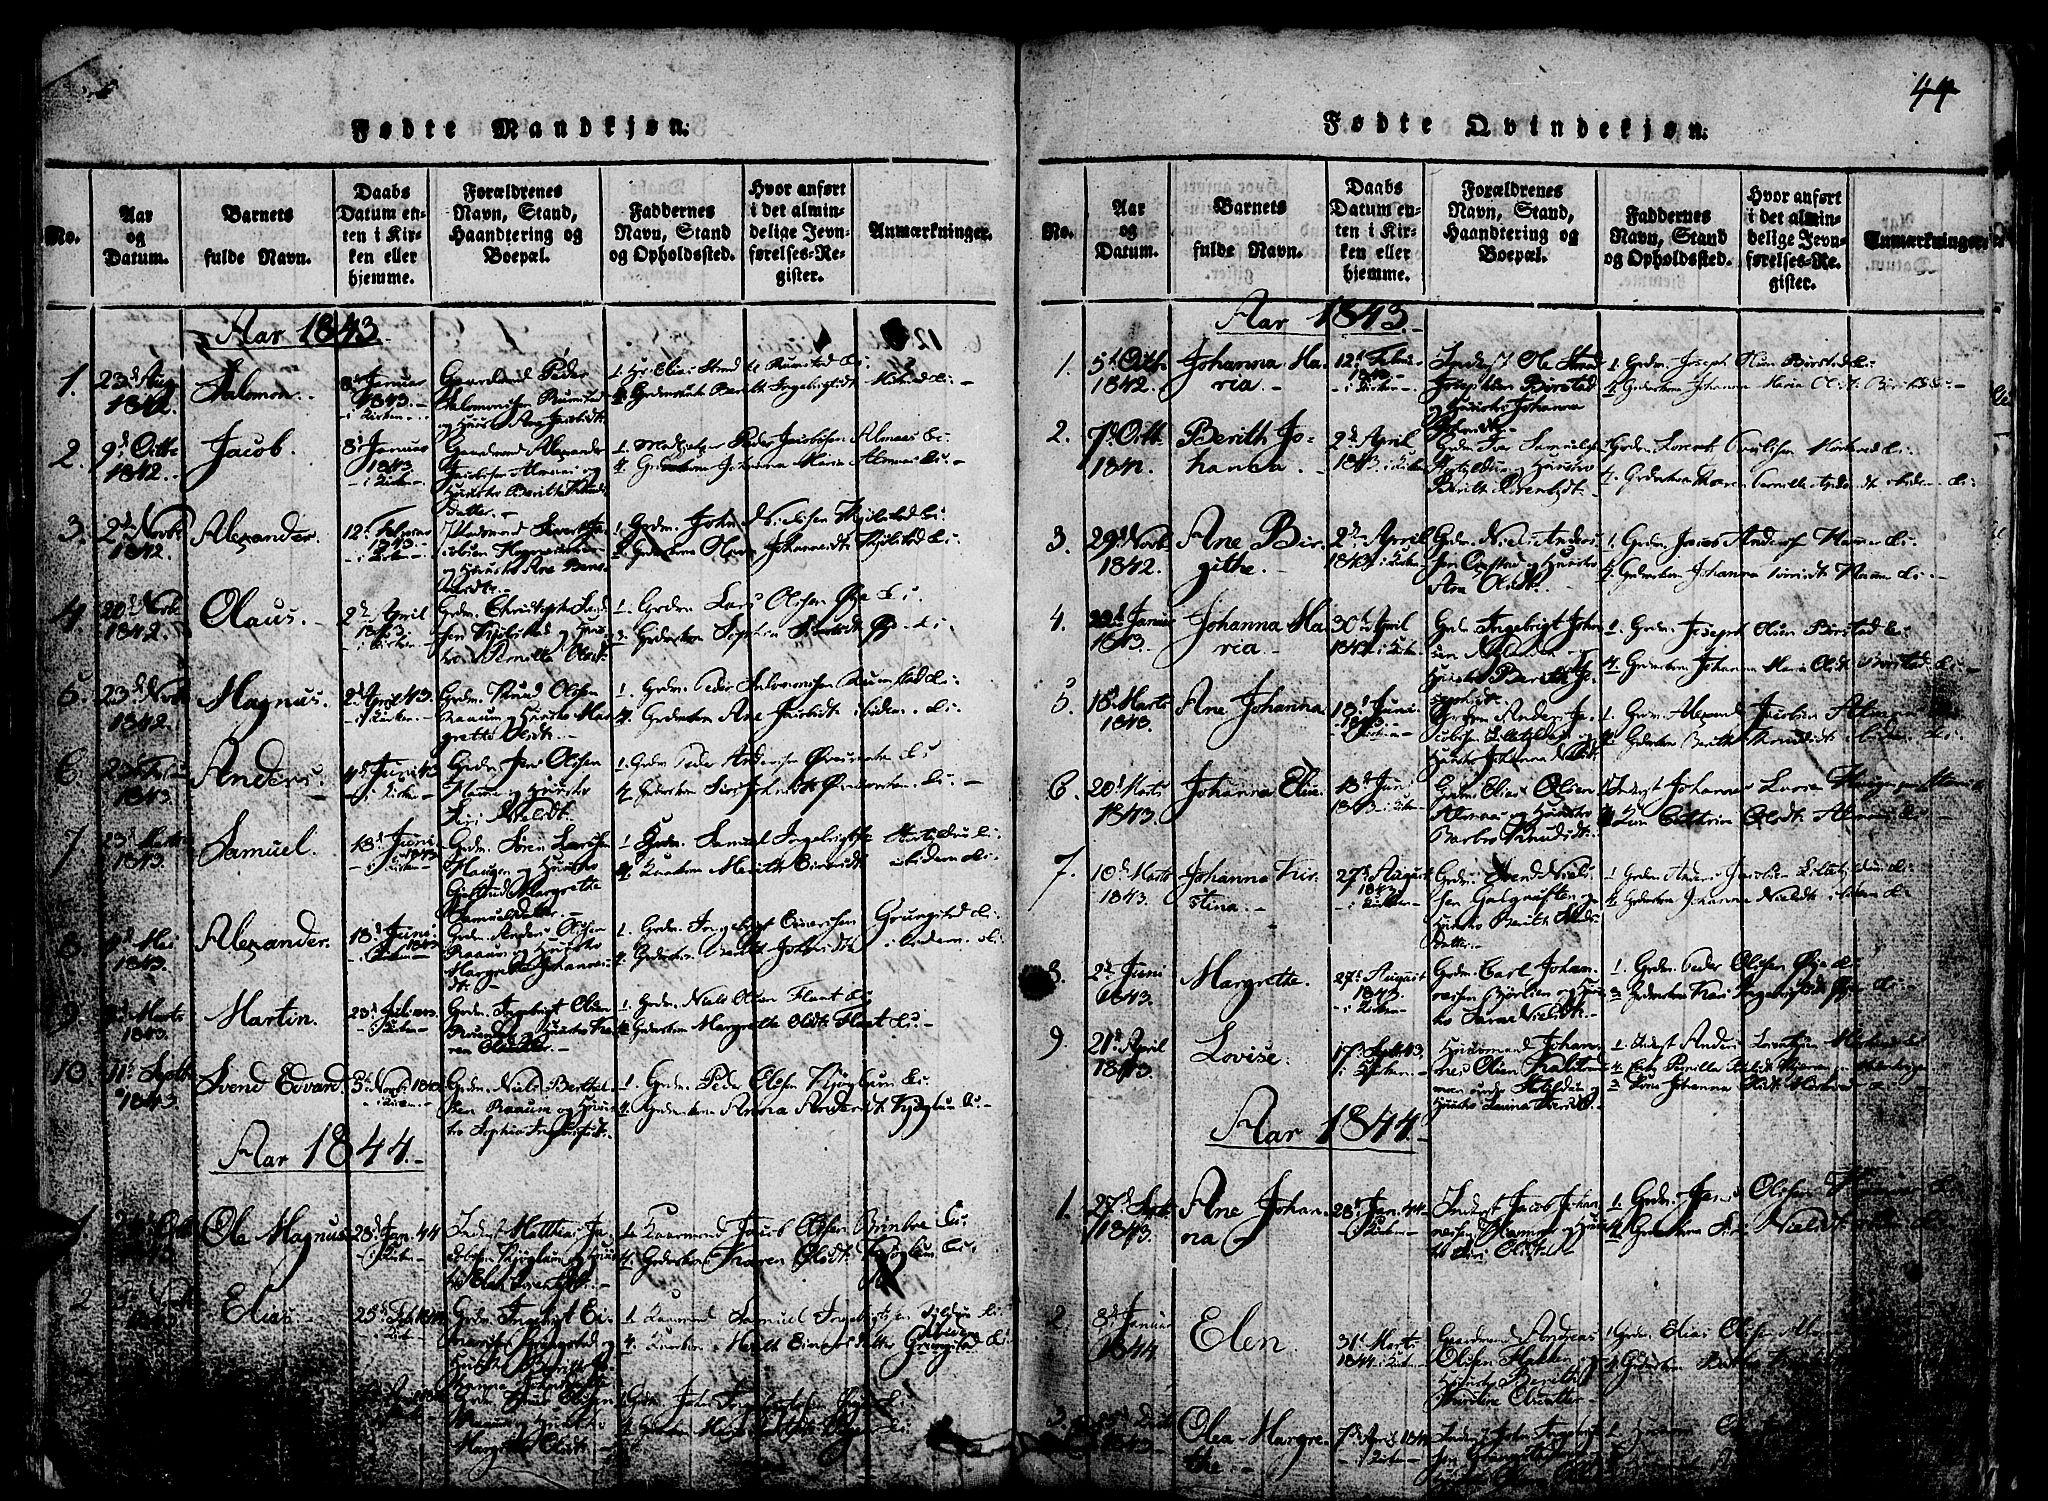 SAT, Ministerialprotokoller, klokkerbøker og fødselsregistre - Nord-Trøndelag, 765/L0562: Klokkerbok nr. 765C01, 1817-1851, s. 44